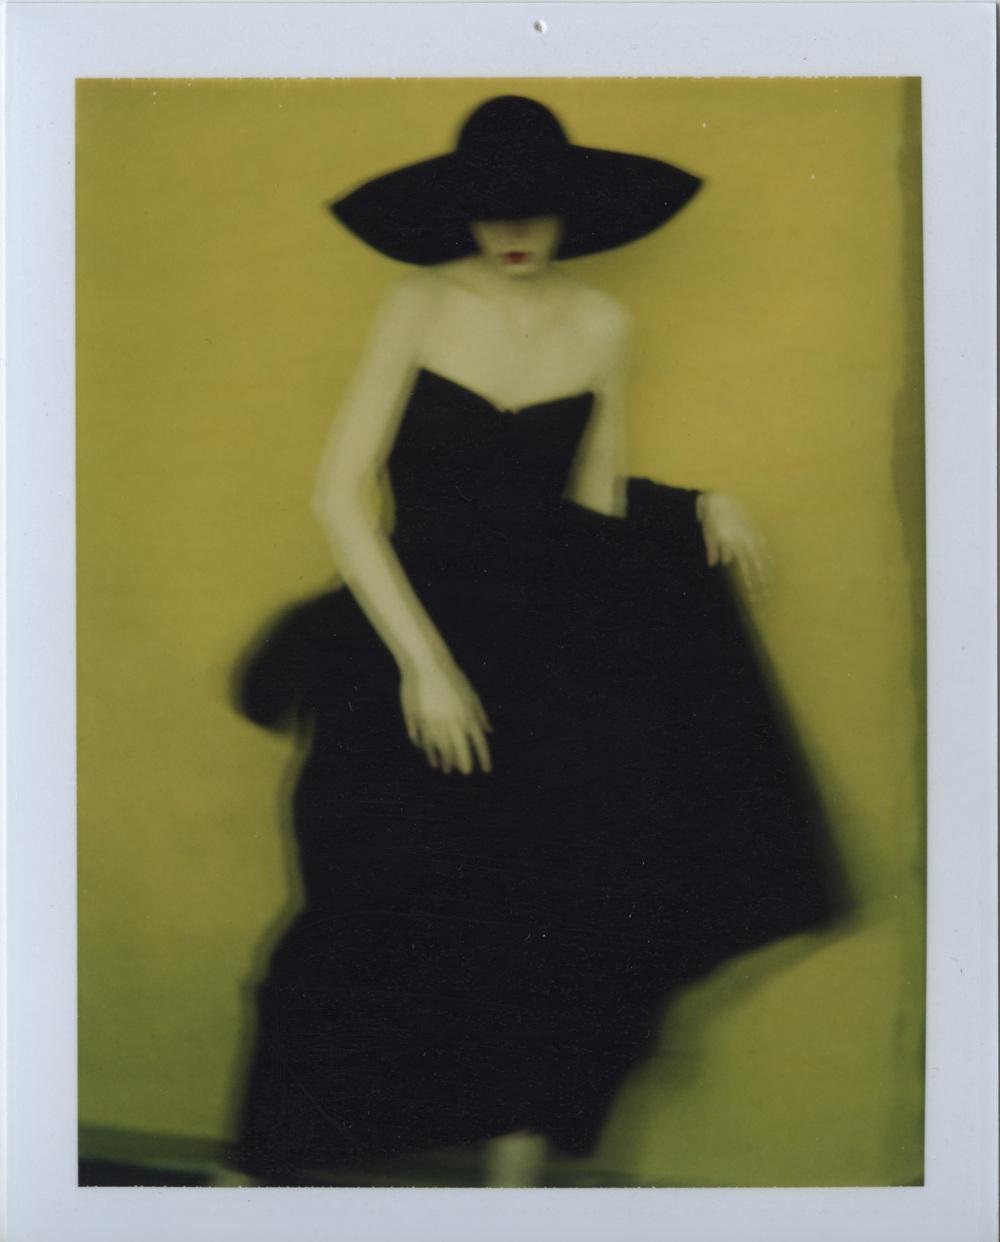 Sarah Moon: Fashion 9, Yohji Yamamoto, 1996 © Sarah Moon